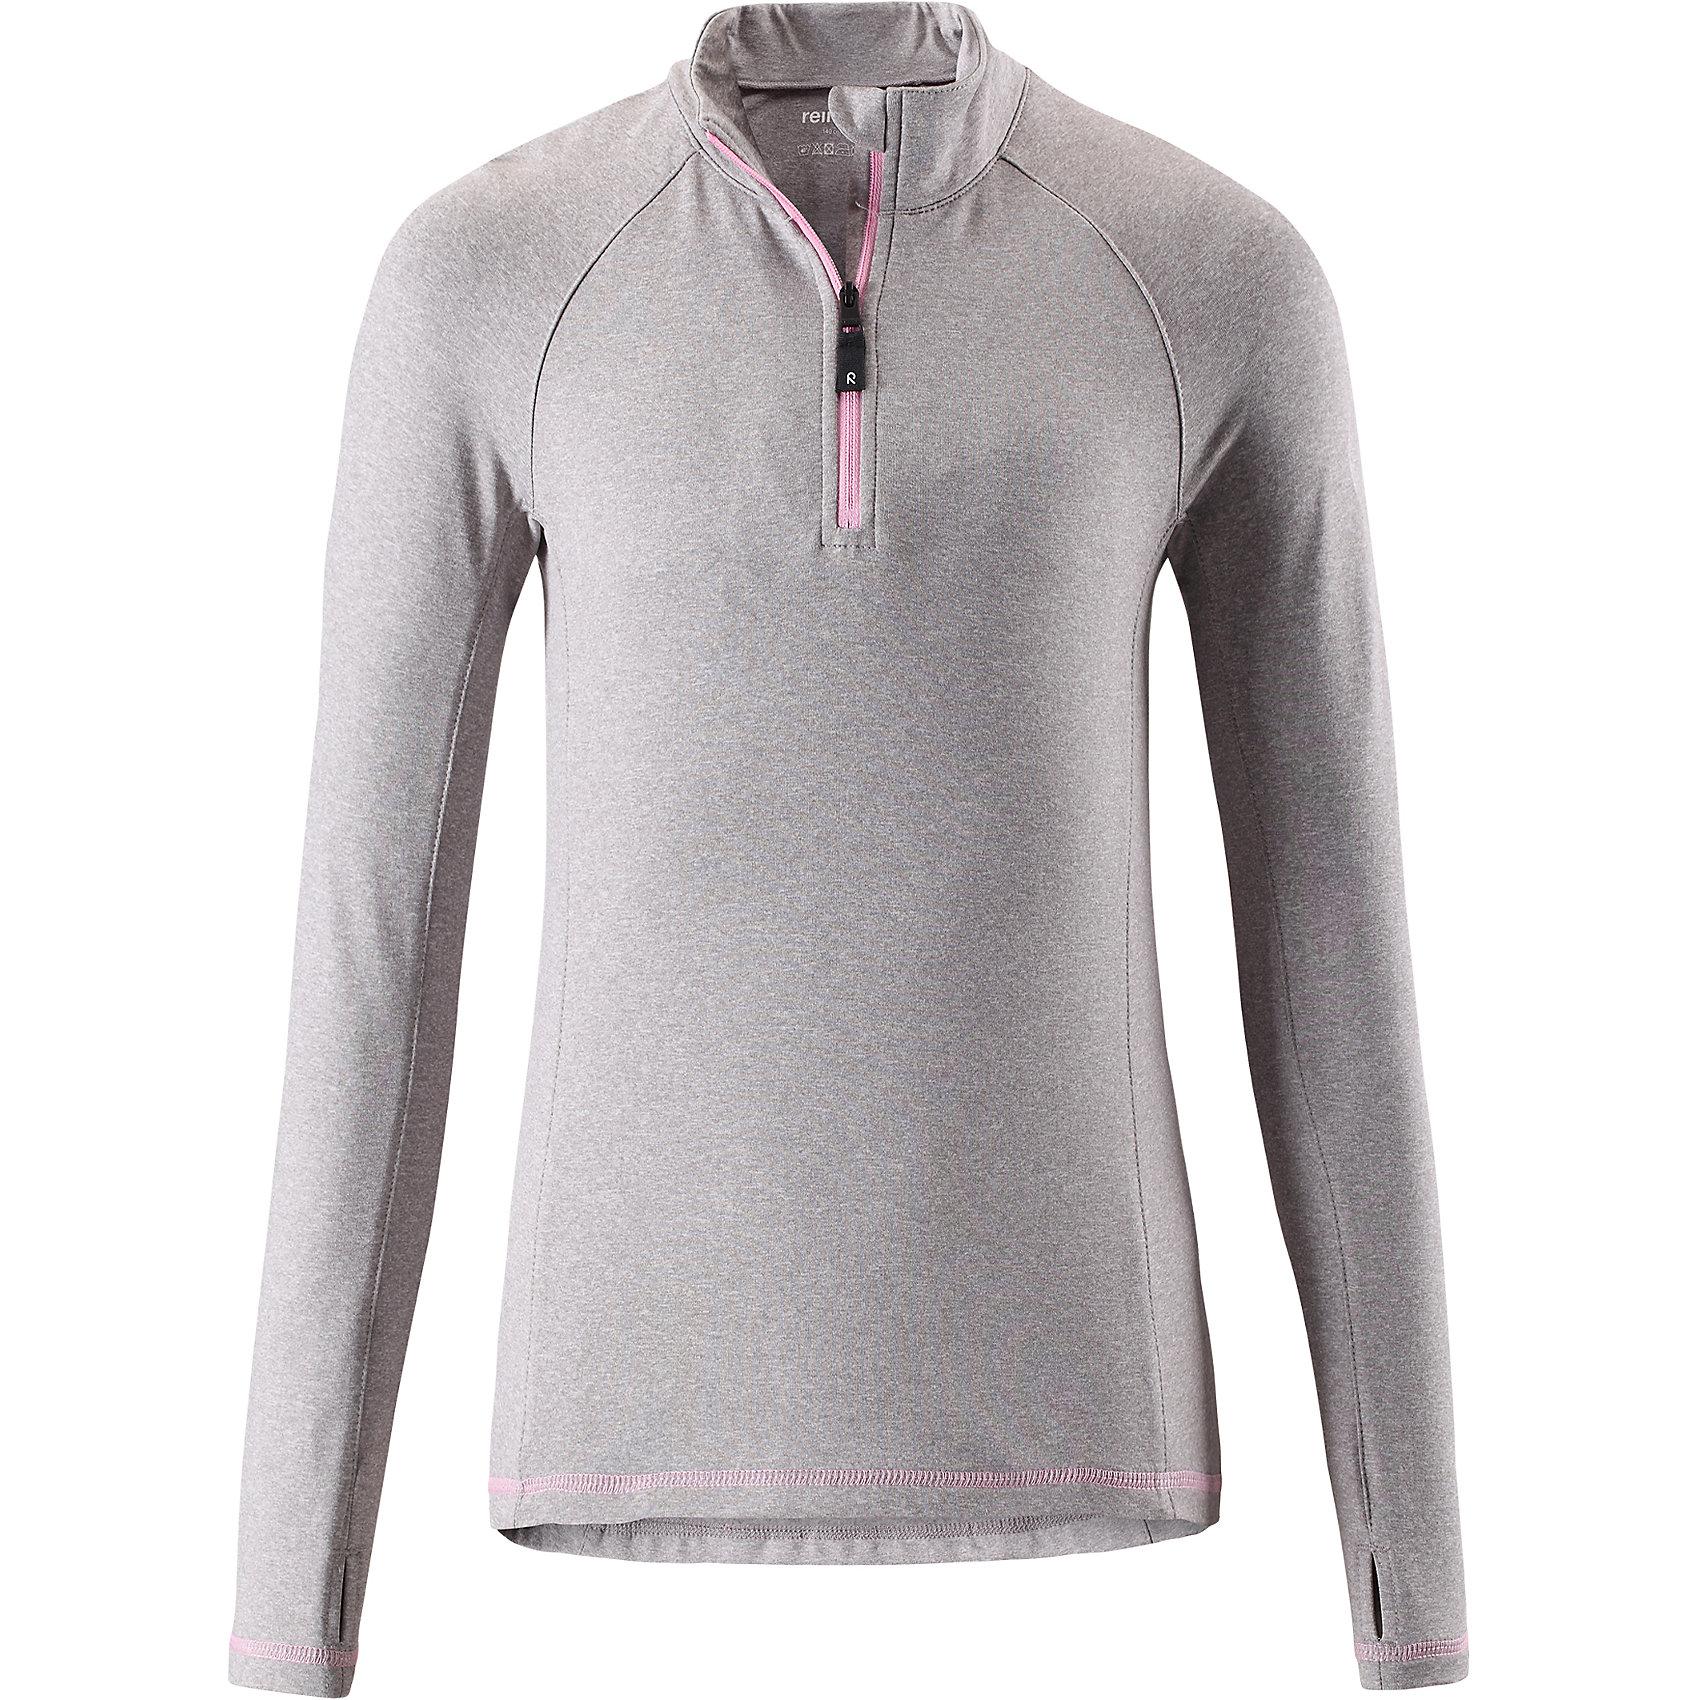 Свитер Reima Still для девочкиФлис и термобелье<br>Характеристики товара:<br><br>• цвет: серый;<br>• состав: 92% полиэстер, 8% эластан; <br>• сезон: демисезон;<br>• мягкая ткань с начесом, приятная на ощупь;<br>• гладкая передняя часть;<br>• выводит влагу в верхние слои одежды;<br>• отверстие для большого пальца на манжете;<br>• молния спереди;<br>• страна бренда: Финляндия;<br>• страна изготовитель: Китай;<br><br>Популярная кофта для подростков изготовлена из мягкого эластичного меланжевого джерси с гладкой поверхностью. Изнаночная сторона с начесом очень удобная и приятная на ощупь, а удлиненная спинка обеспечивает пояснице дополнительную защиту. Этот дышащий материал отводит влагу от кожи и быстро сохнет, благодаря чему кофта стенет отличным выбором для активных прогулок. Материал имеет УФ-защиту 50+. Эта кофта для девочек снабжена молнией спереди и удобным отверстием для большого пальца на концах рукавов.<br><br>Свитер Still для девочки Reima (Рейма) можно купить в нашем интернет-магазине.<br><br>Ширина мм: 190<br>Глубина мм: 74<br>Высота мм: 229<br>Вес г: 236<br>Цвет: серый<br>Возраст от месяцев: 156<br>Возраст до месяцев: 168<br>Пол: Женский<br>Возраст: Детский<br>Размер: 164,104,110,116,122,128,134,140,146,152,158<br>SKU: 6906365